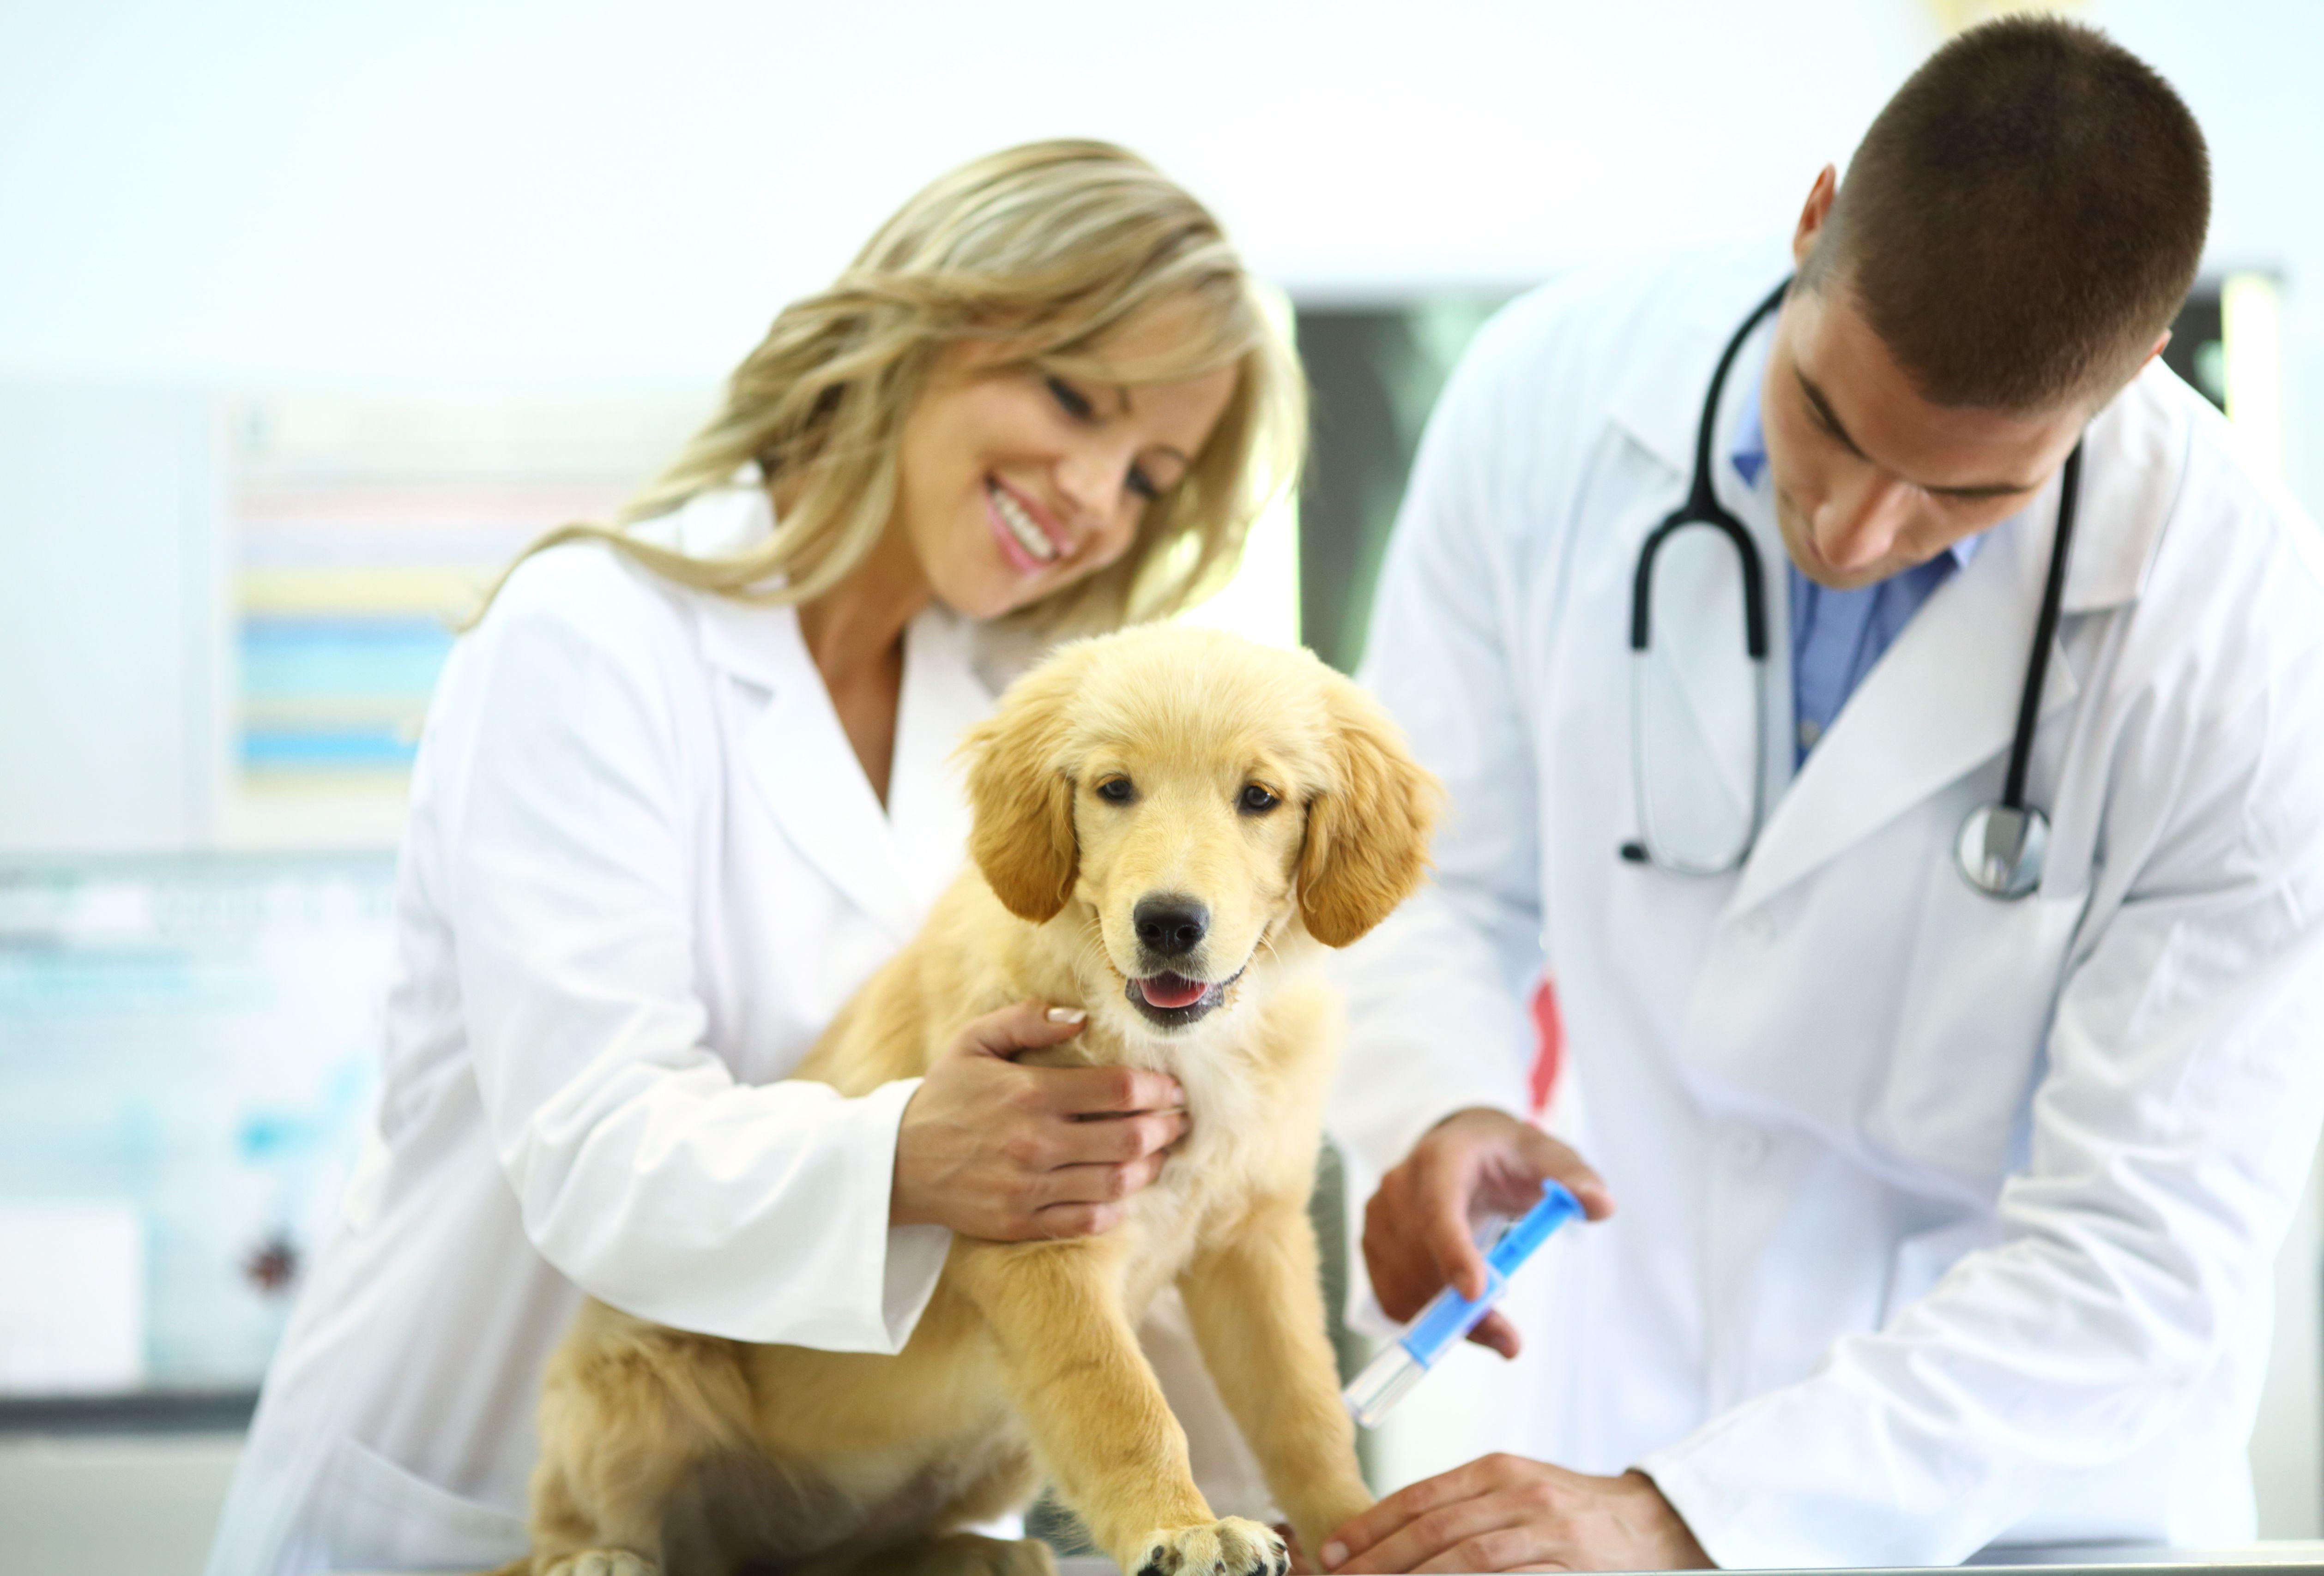 Análisis clínicos veterinarios: Servicios de Clinica Veterinaria Exotia Santa Ursula